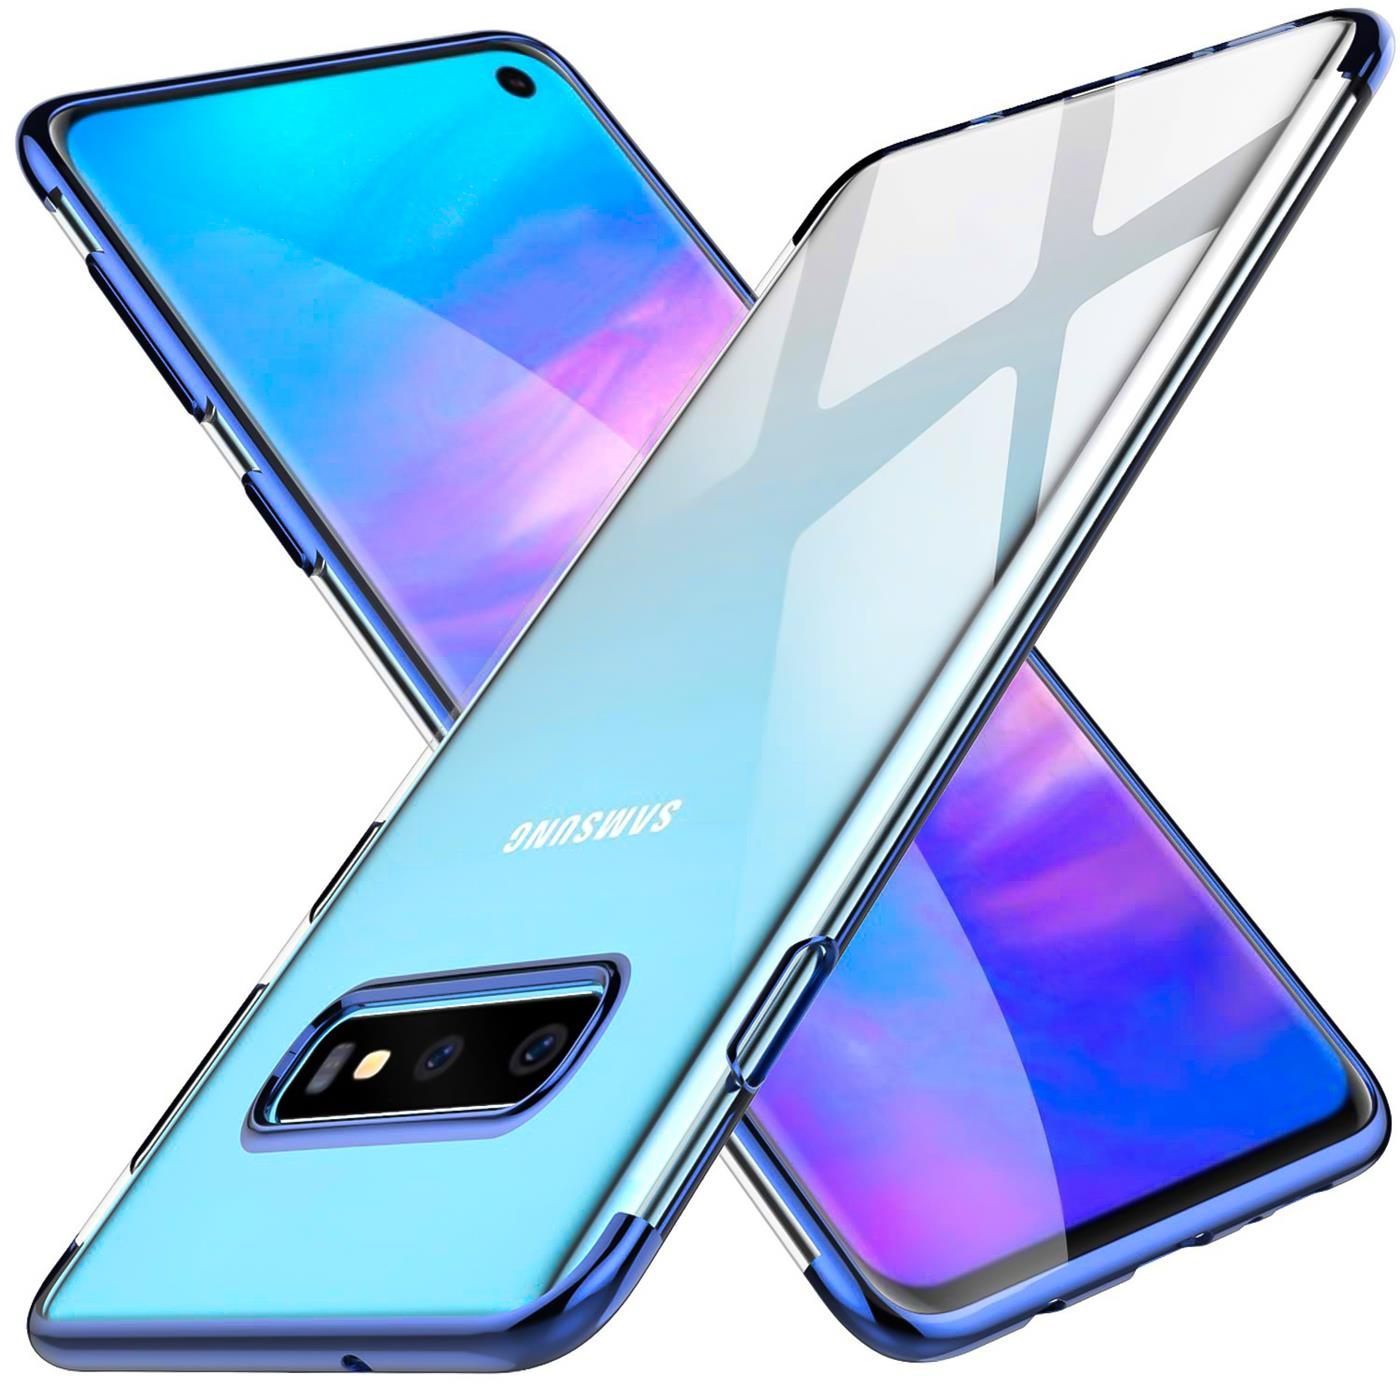 Samsung-Galaxy-S10-Huelle-Schutzhuelle-Handy-Tasche-Slim-Cover-Case-Transparent Indexbild 17